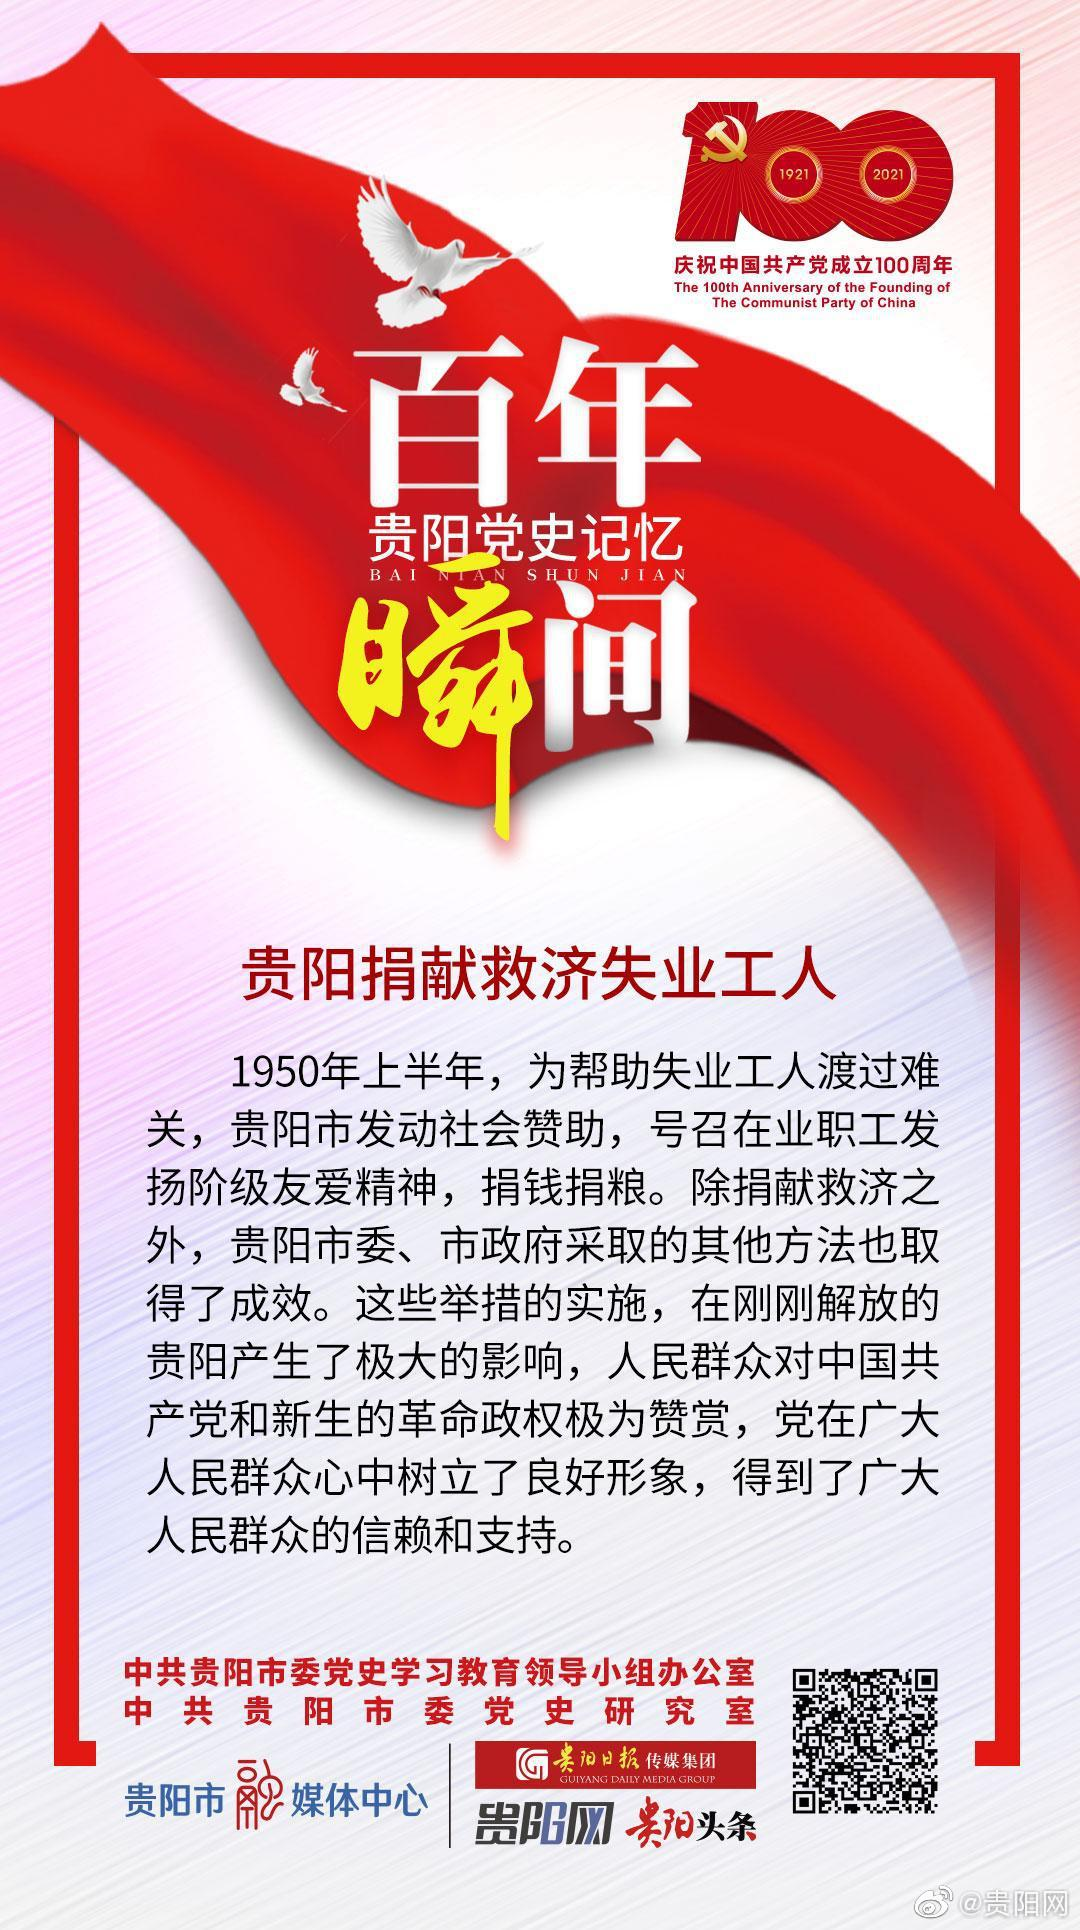 贵阳党史记忆·百年瞬间㊺|贵阳捐献救济失业工人